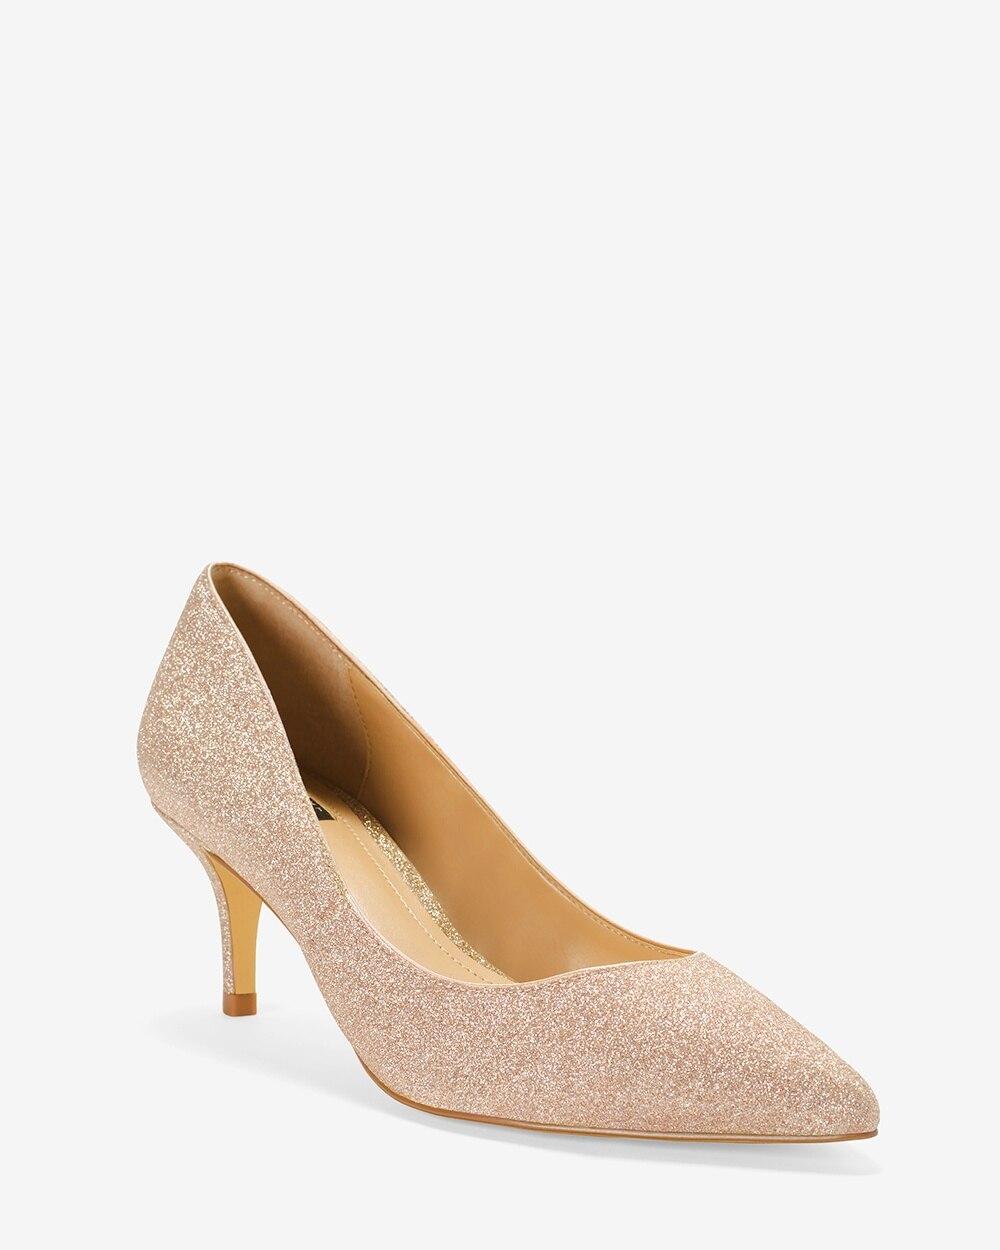 3c030c4e31d Glitter Kitten Heels - White House Black Market